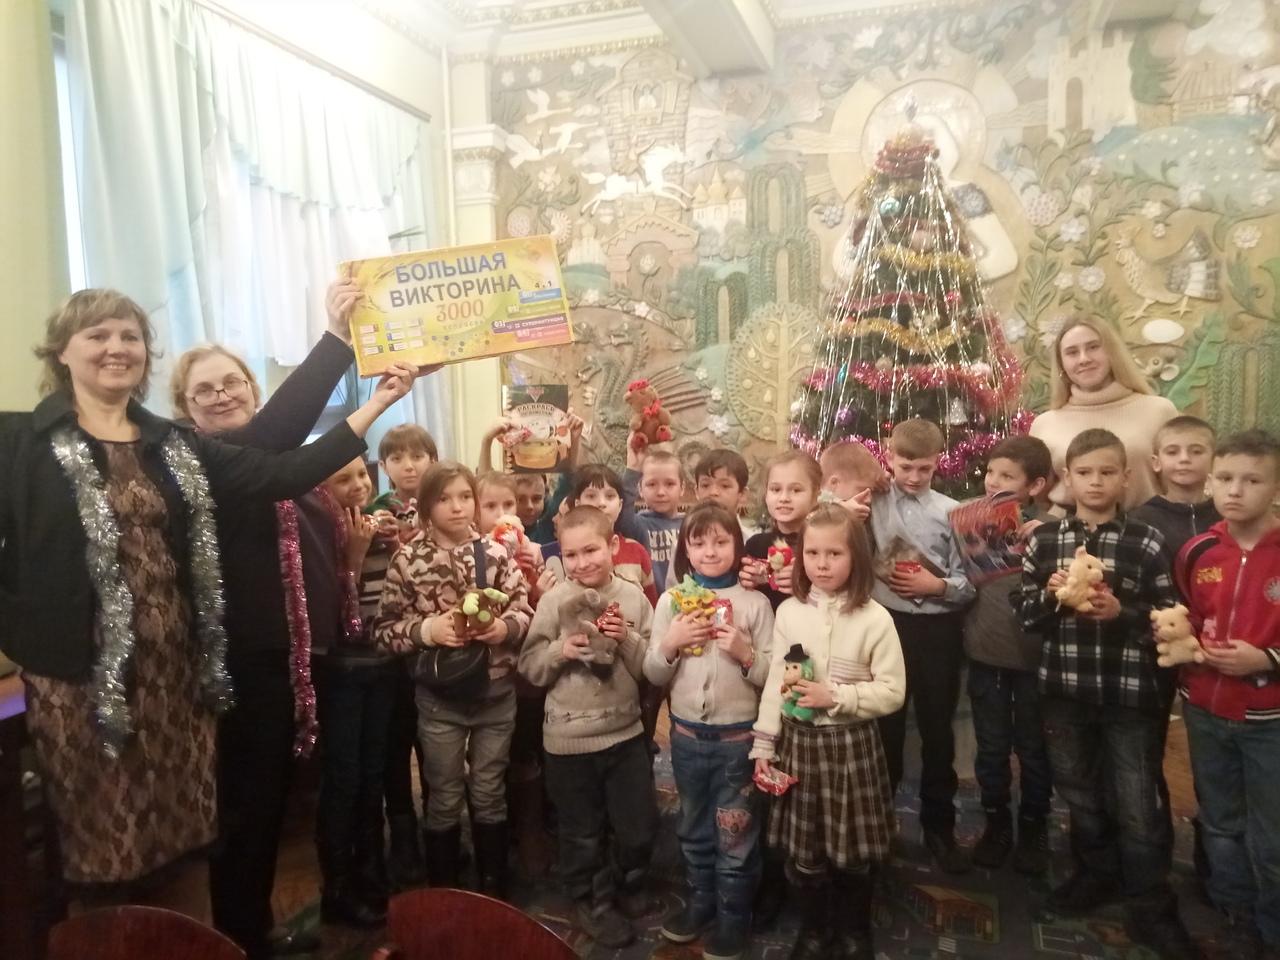 донецкая республиканская библиотека для детей, отдел обслуживания учащихся 5-9 классов, с библиотекой интересно, детям обо всем на свете, зимние праздники